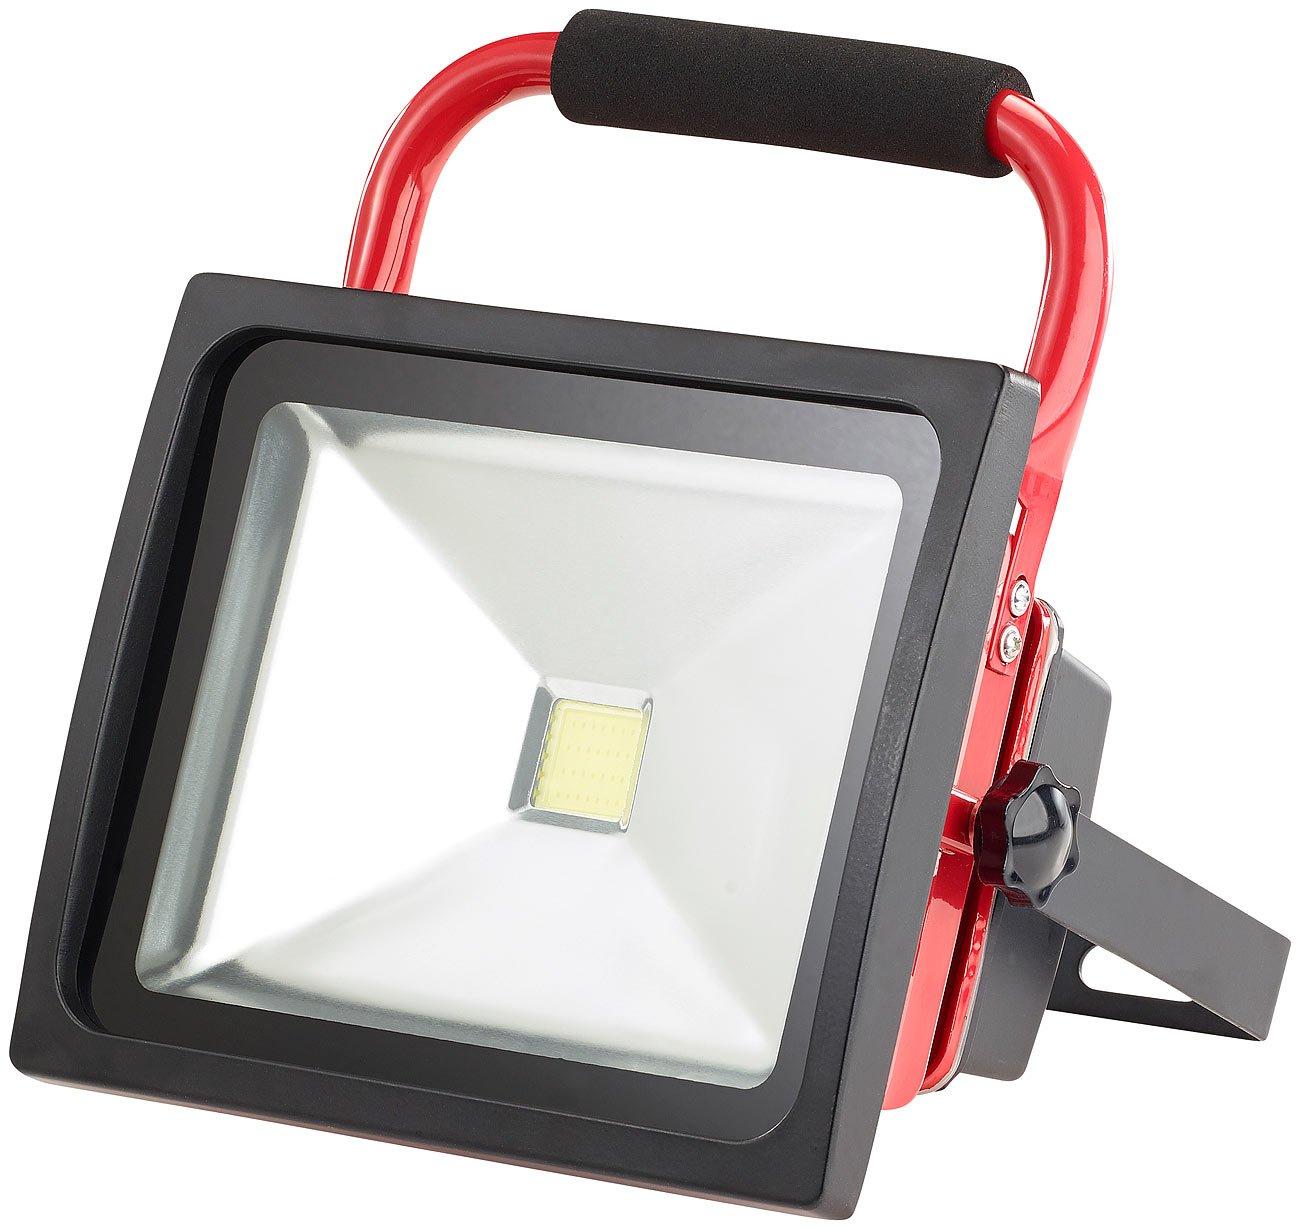 1.500 lm 30 W LED Strahler Akku Luminea Fluter Baustelle: Wetterfester LED-Akku-Baustrahler Stand-Sockel IP65